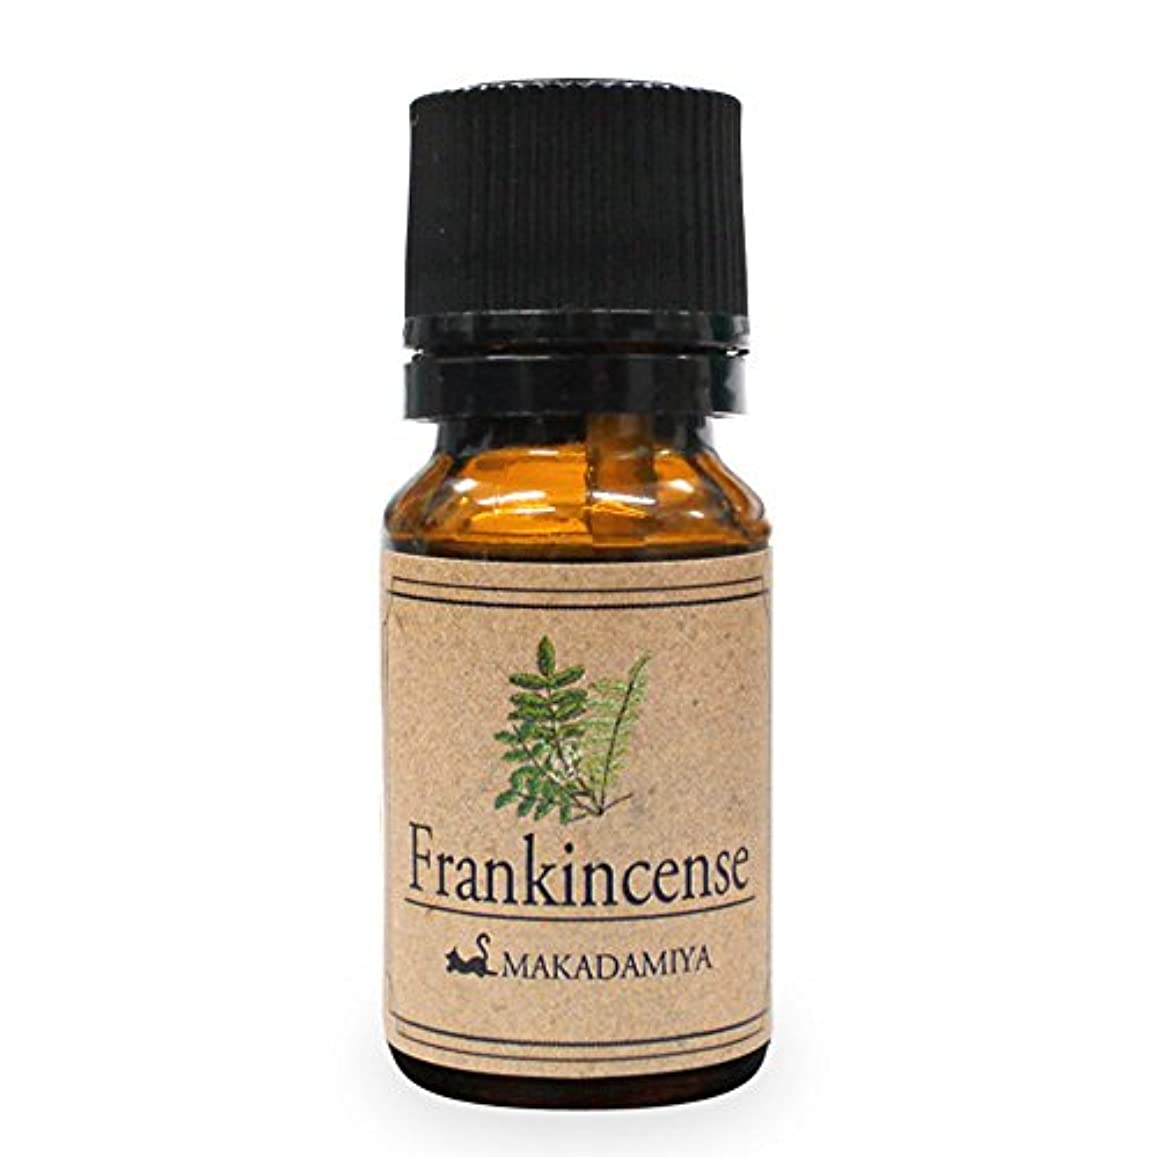 編集する組み込む極端なフランキンセンス10ml 天然100%植物性 エッセンシャルオイル(精油) アロマオイル アロママッサージ aroma Frankincense